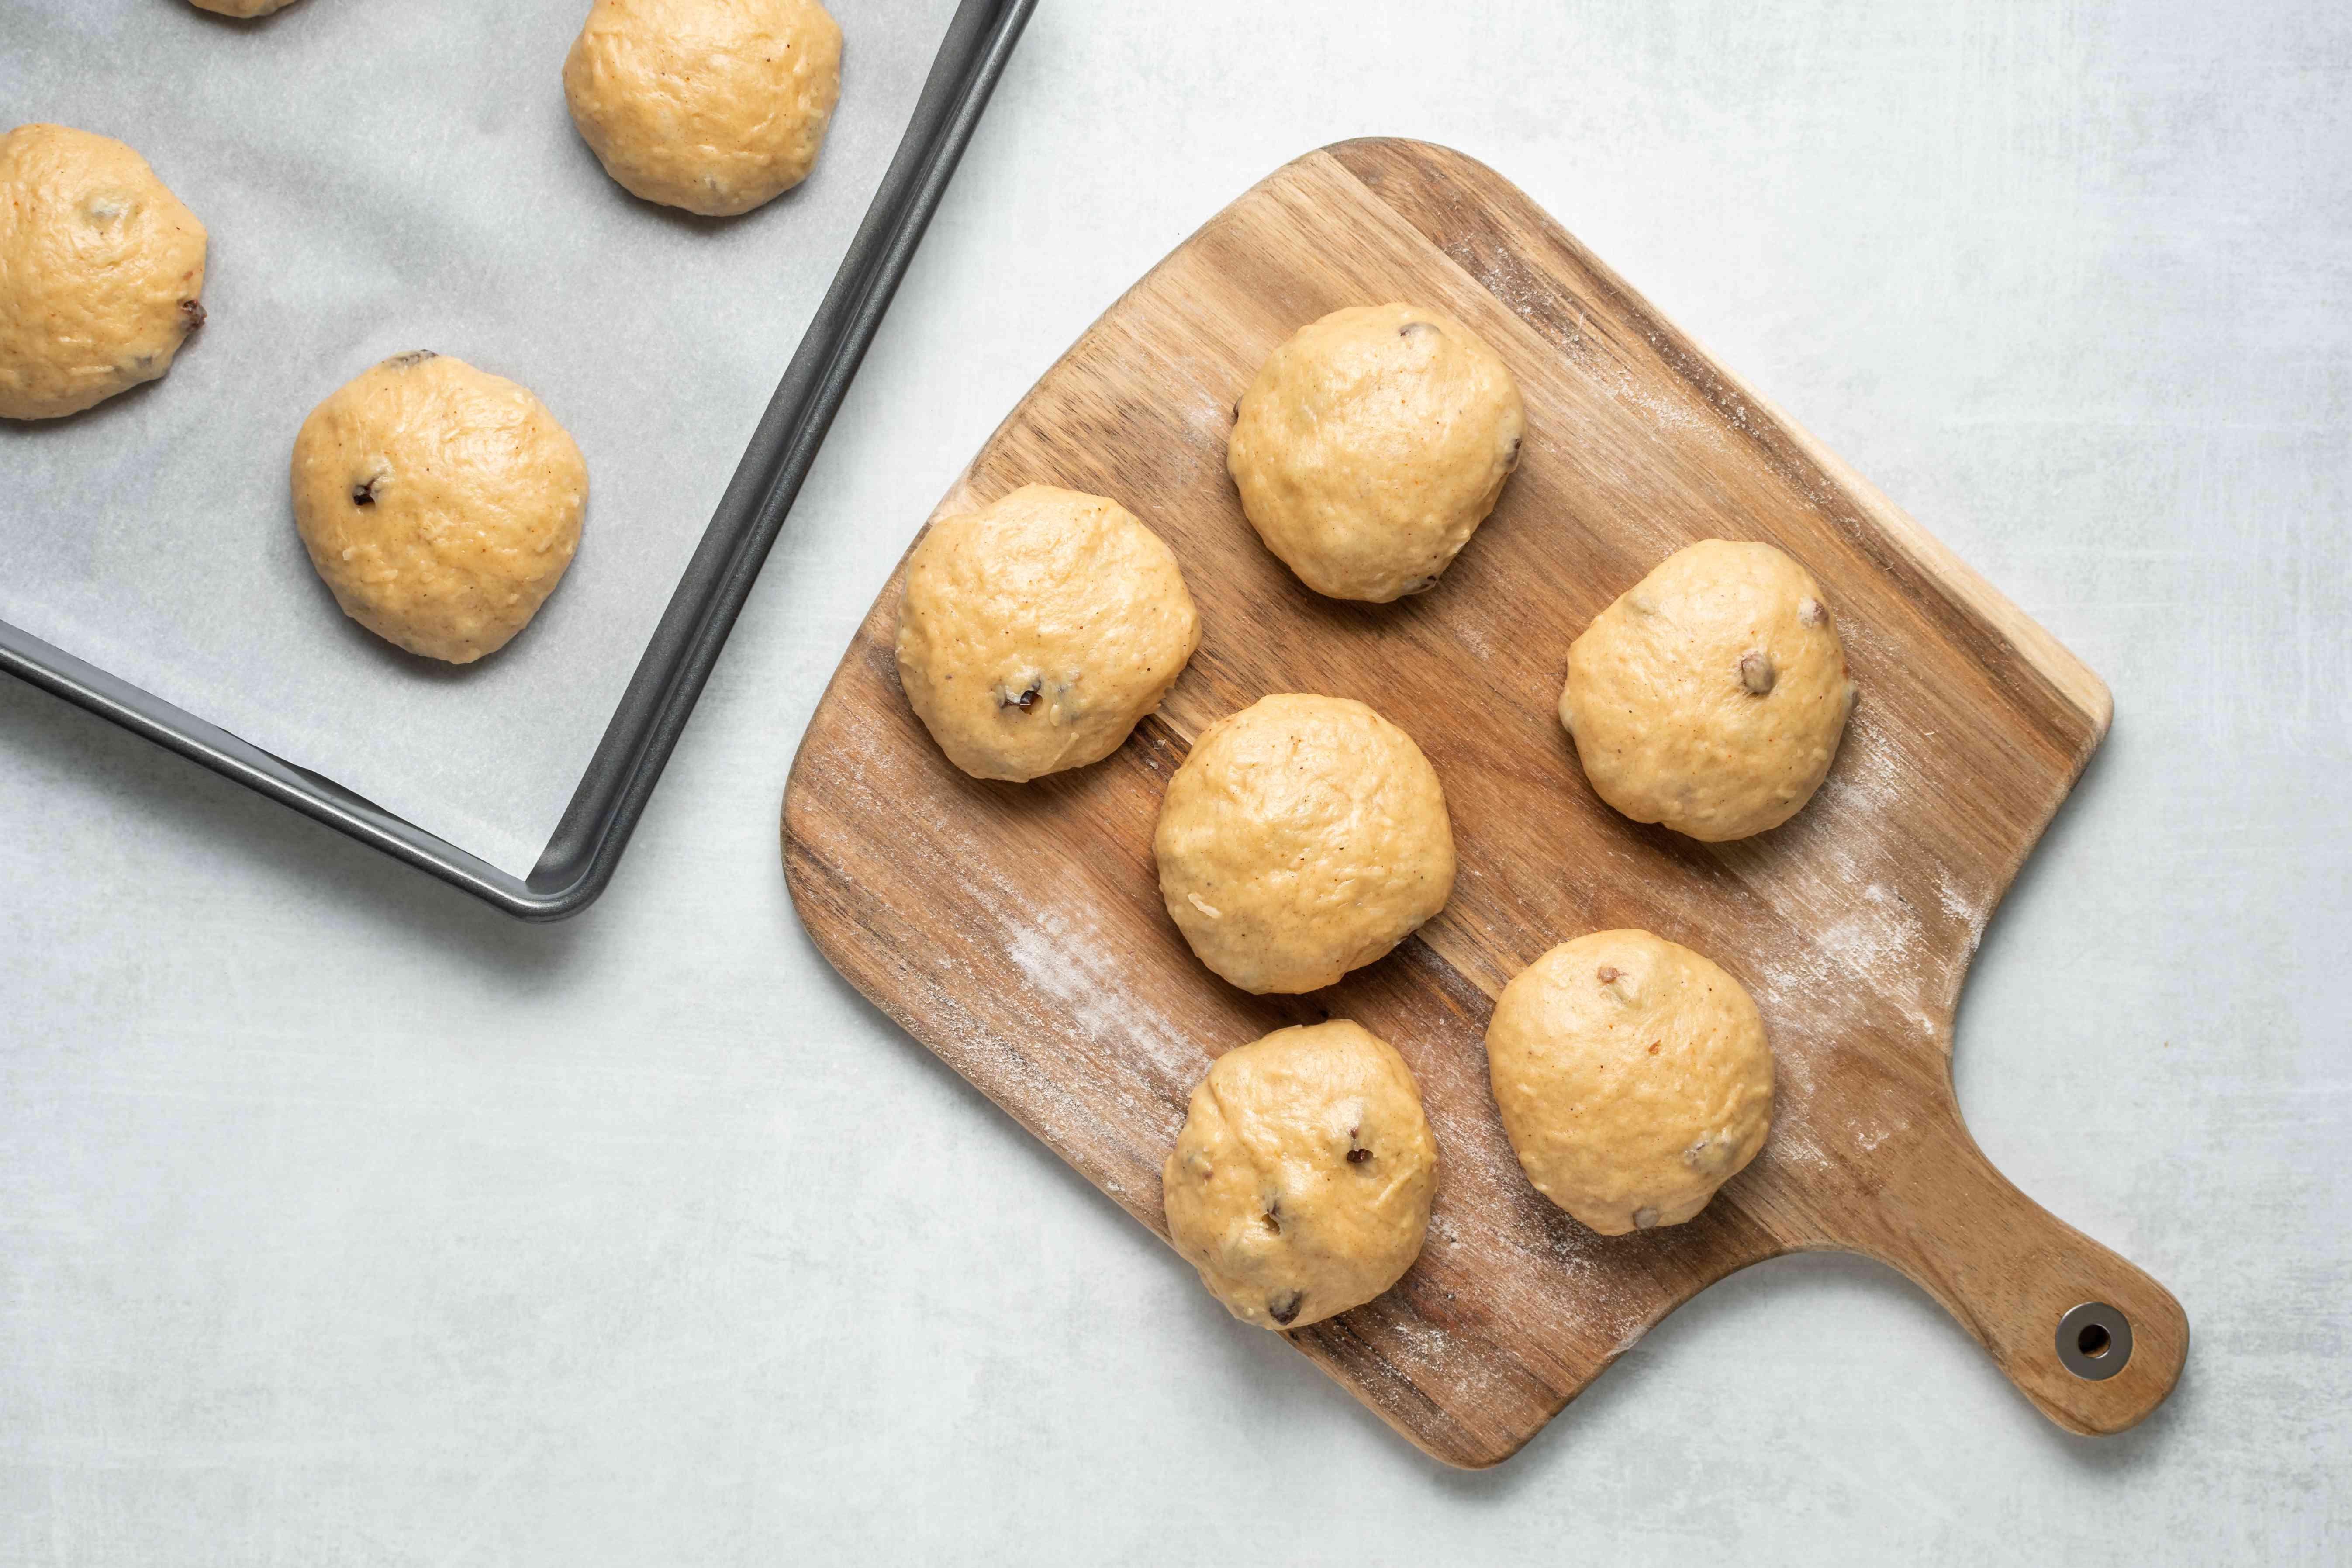 bun dough on a parchment paper lined baking sheet